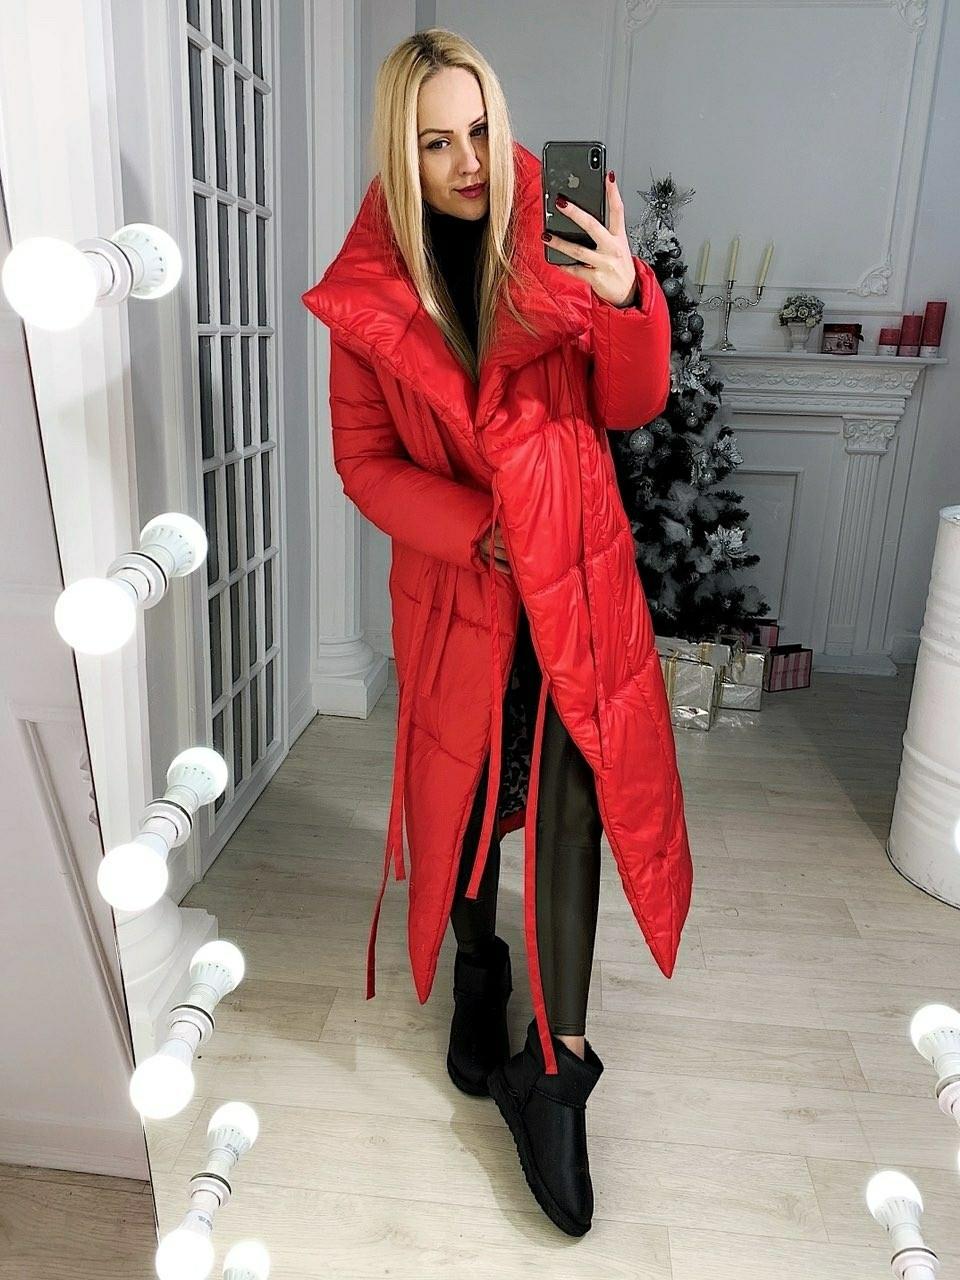 Женская куртка пальто зимняя теплая силикон 250 размеры 42 44 46 от производителя 7 км Одесса